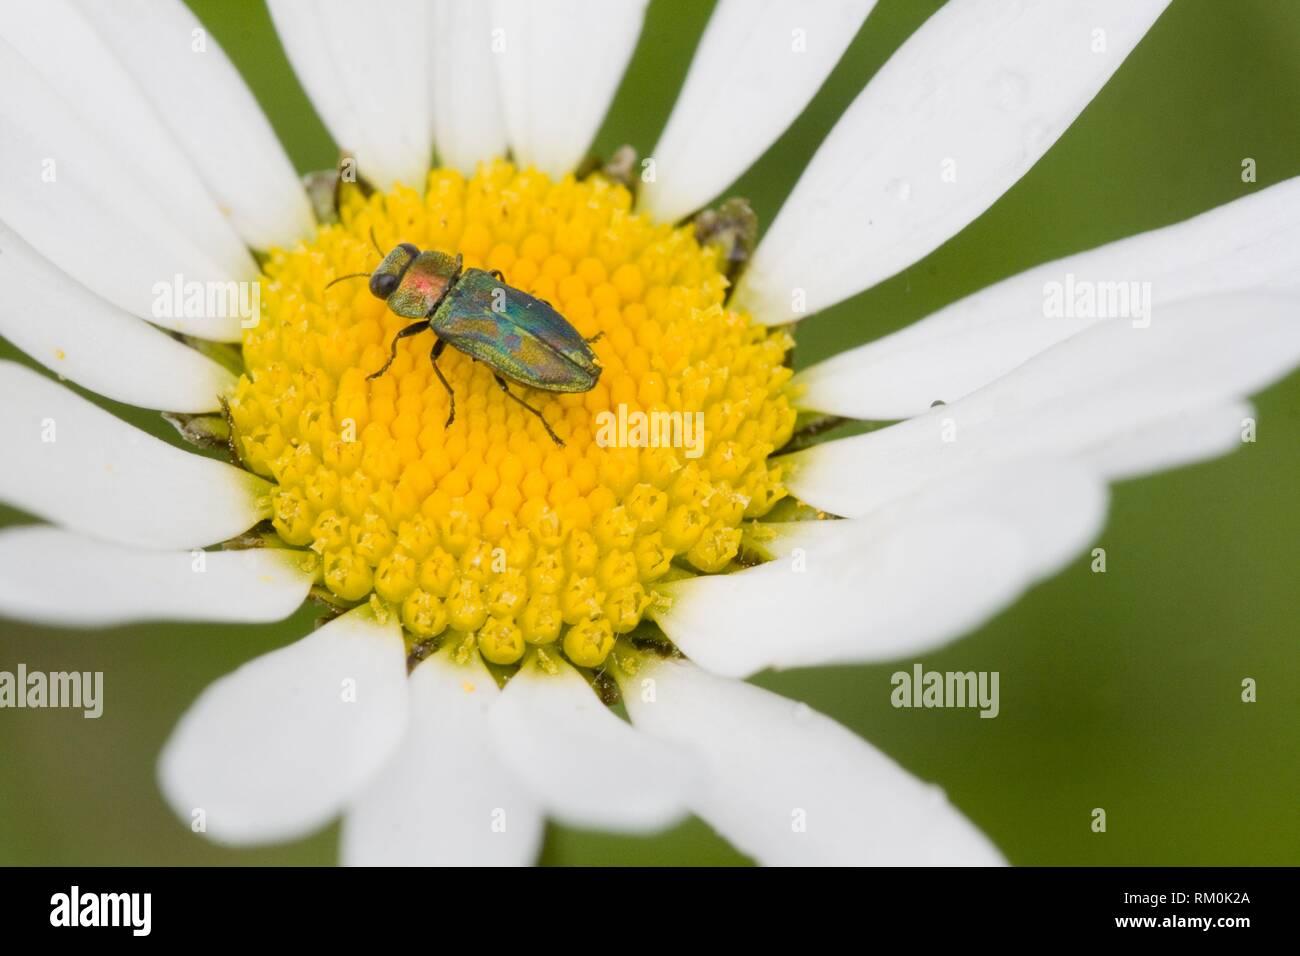 Jewel Beetle, Anthaxia nitidula. - Stock Image